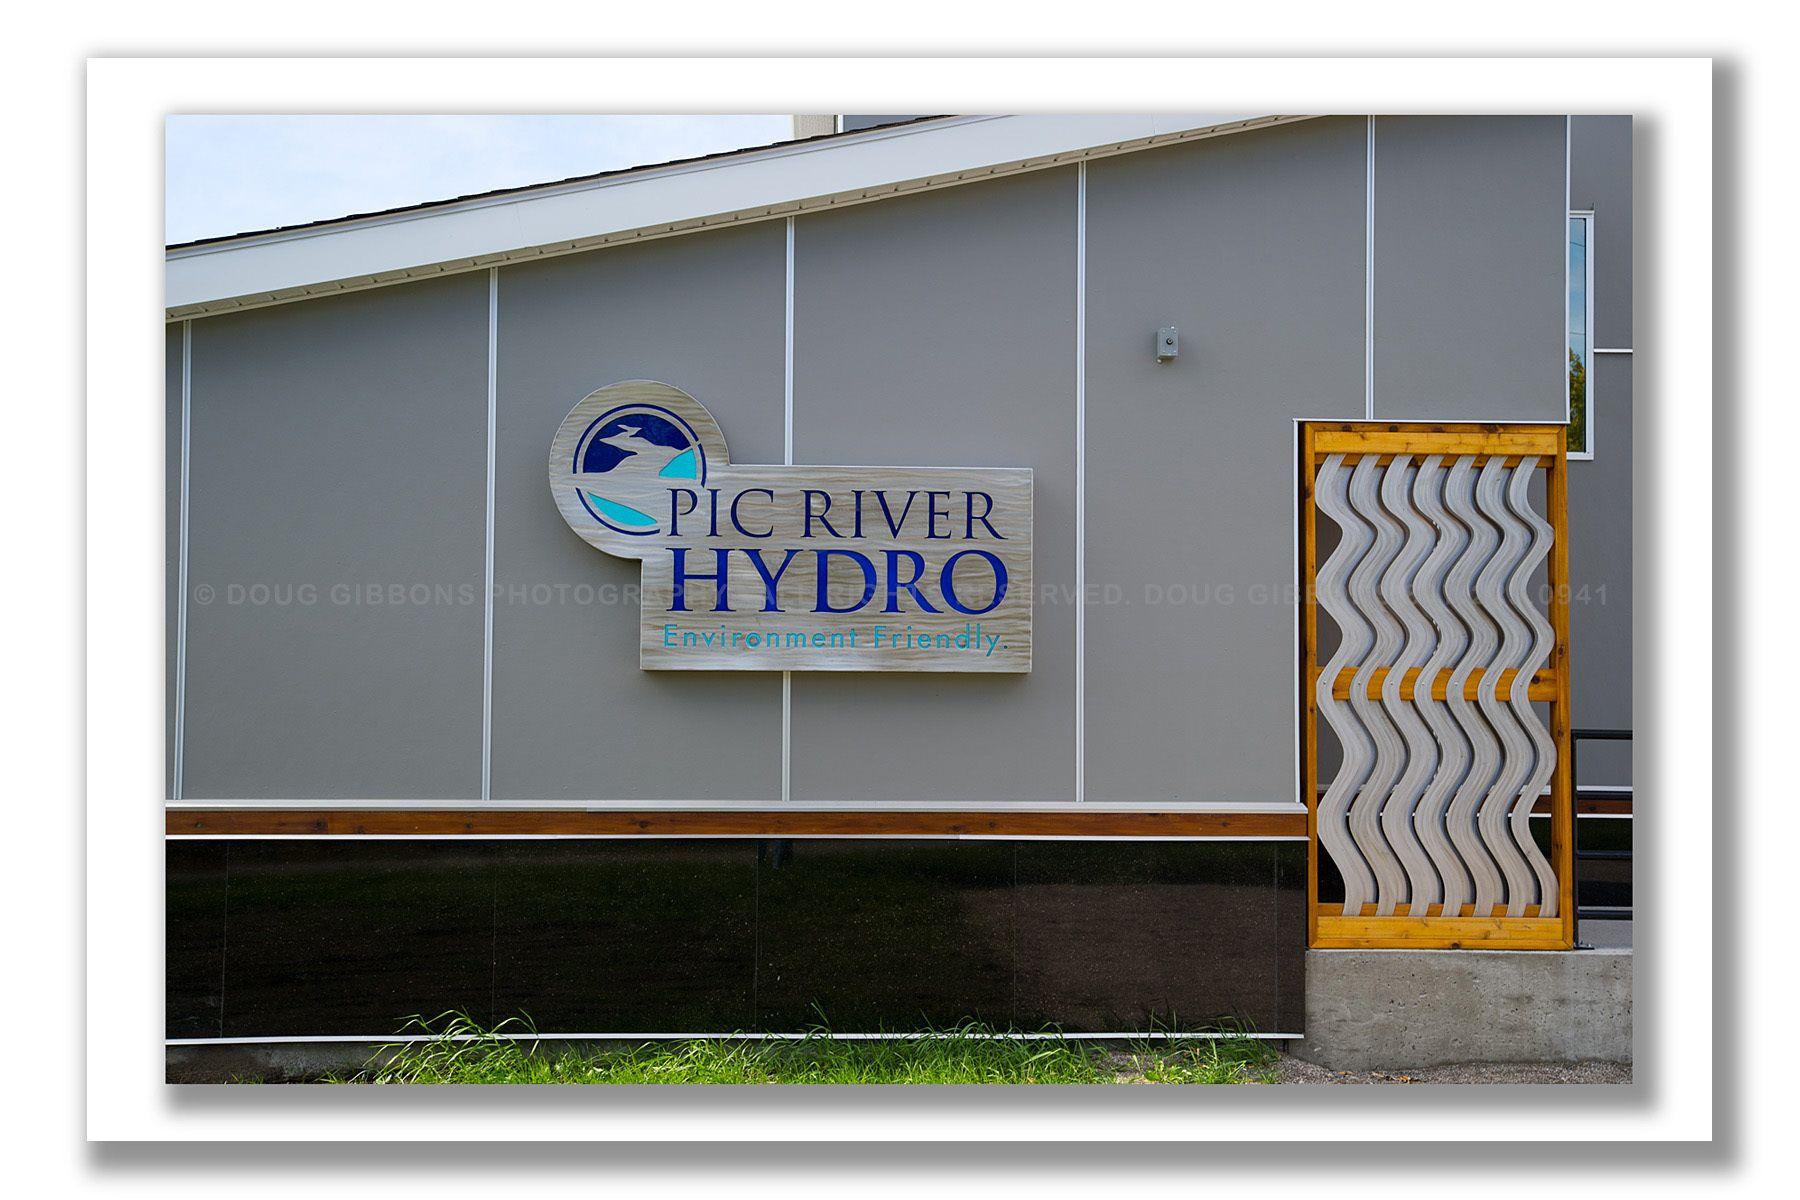 Pic River Hydro